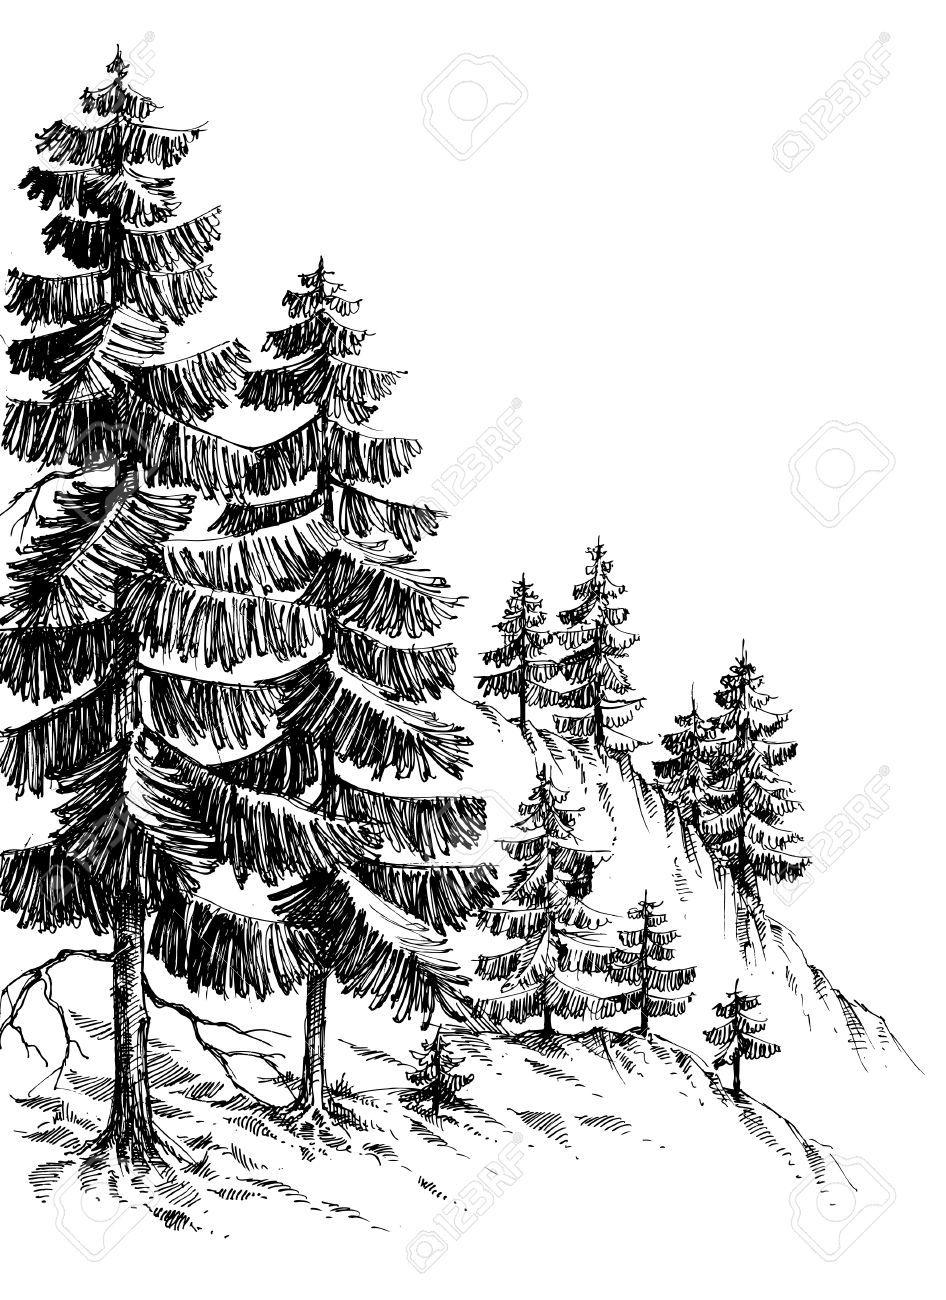 Dessin for t de pins montagne d 39 hiver paysage dessin illustration dessins en 2019 dessin - Paysage enneige dessin ...